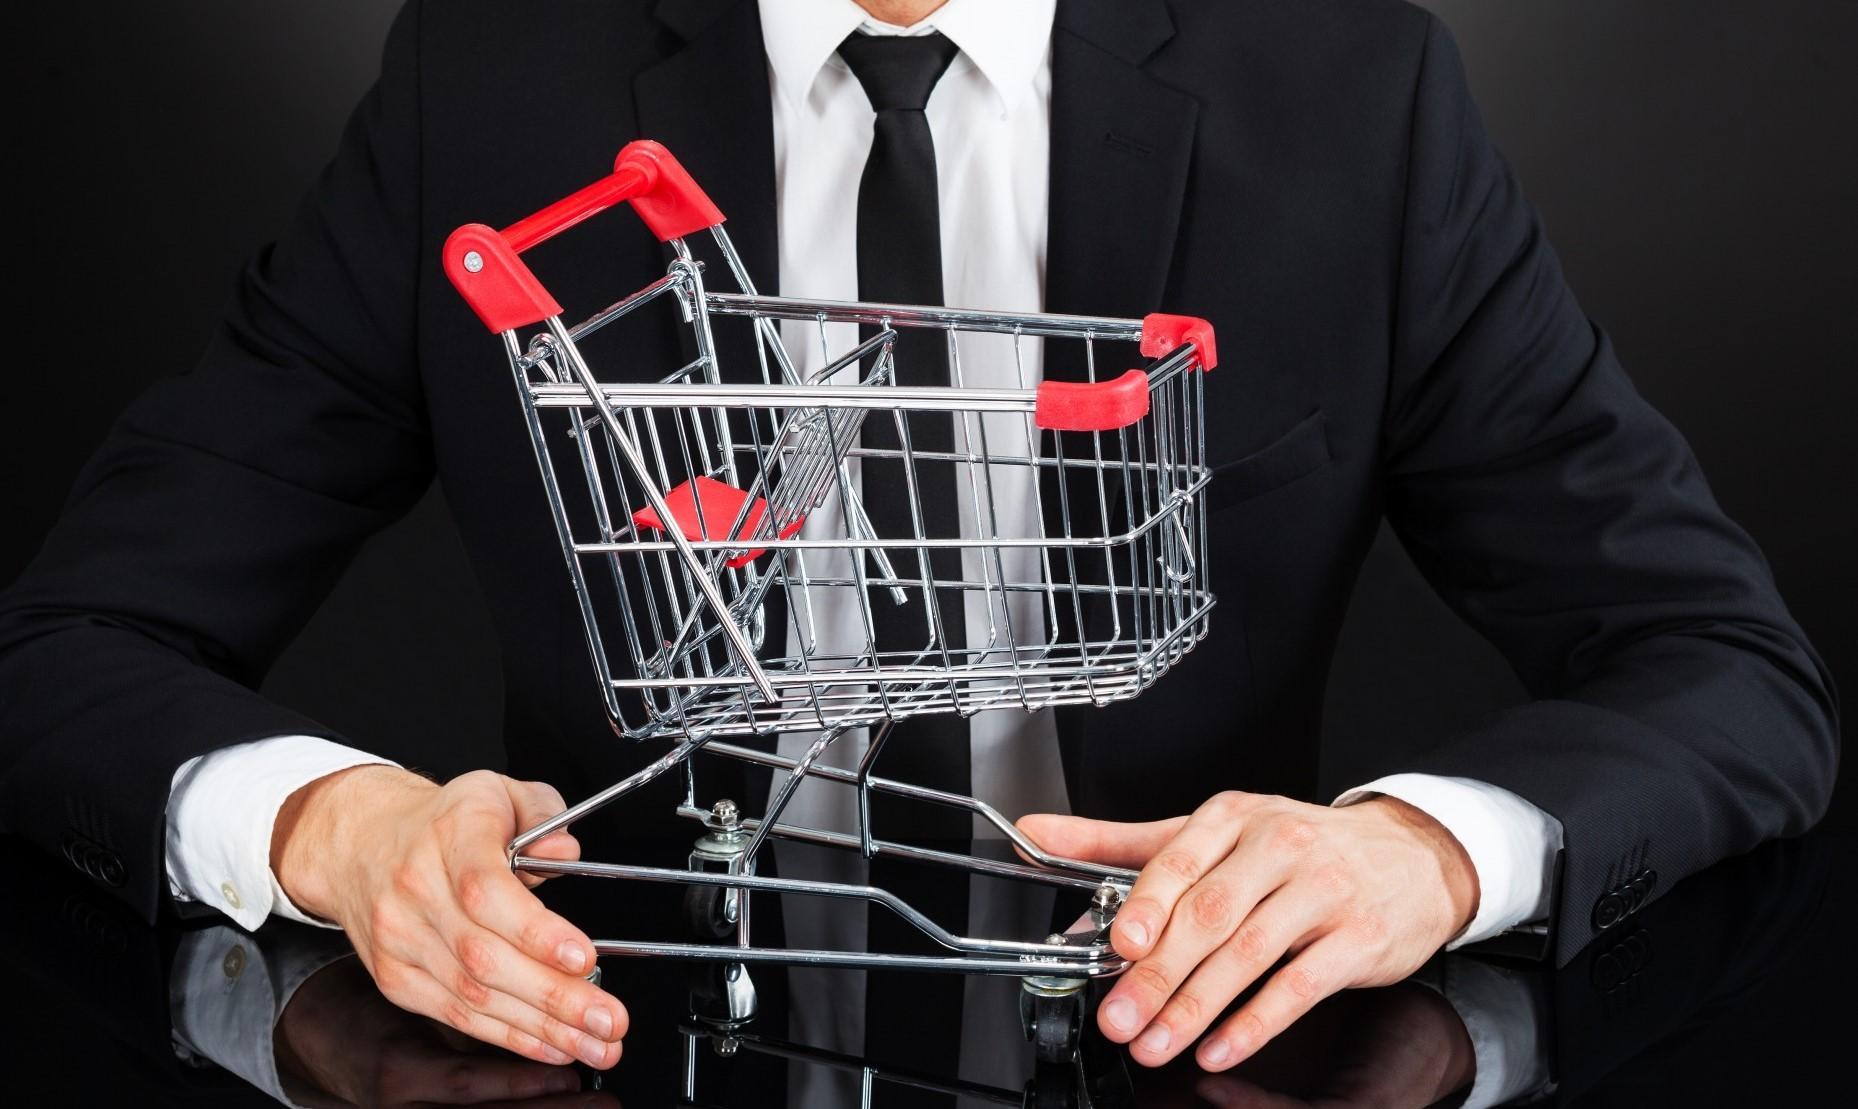 Как сделать процесс закупок эффективным